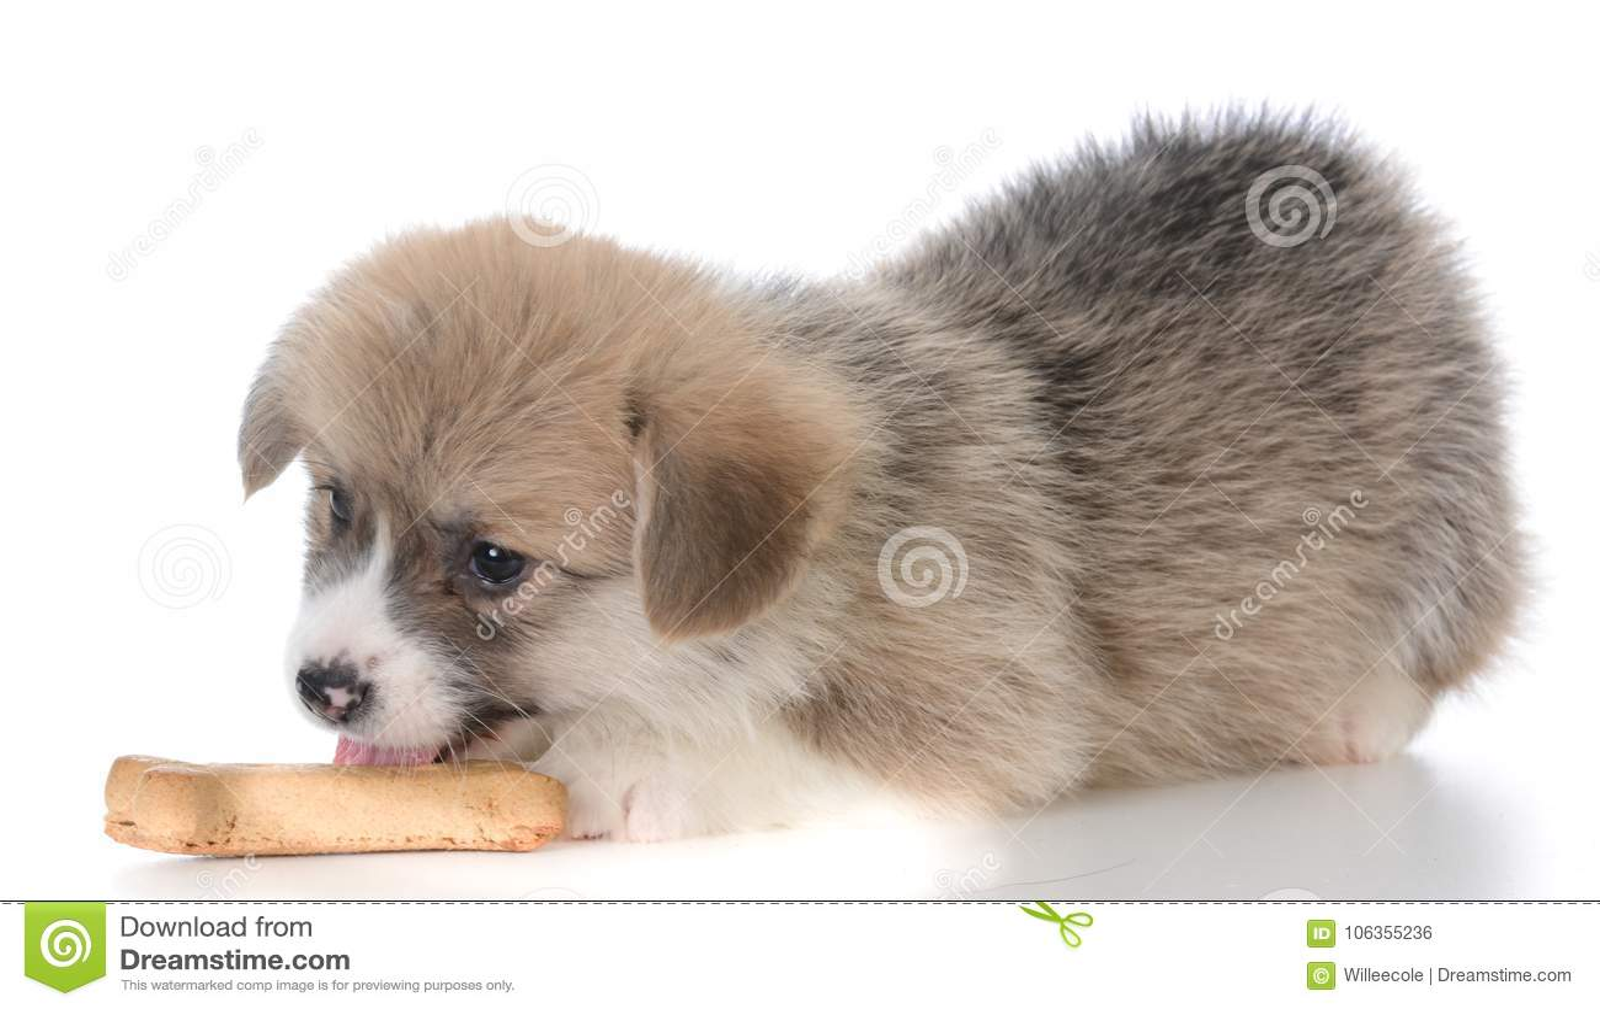 Pembroke Welsh Corgi Puppy With Dog Bone Stock Photo Image Of Animal Train 106355236